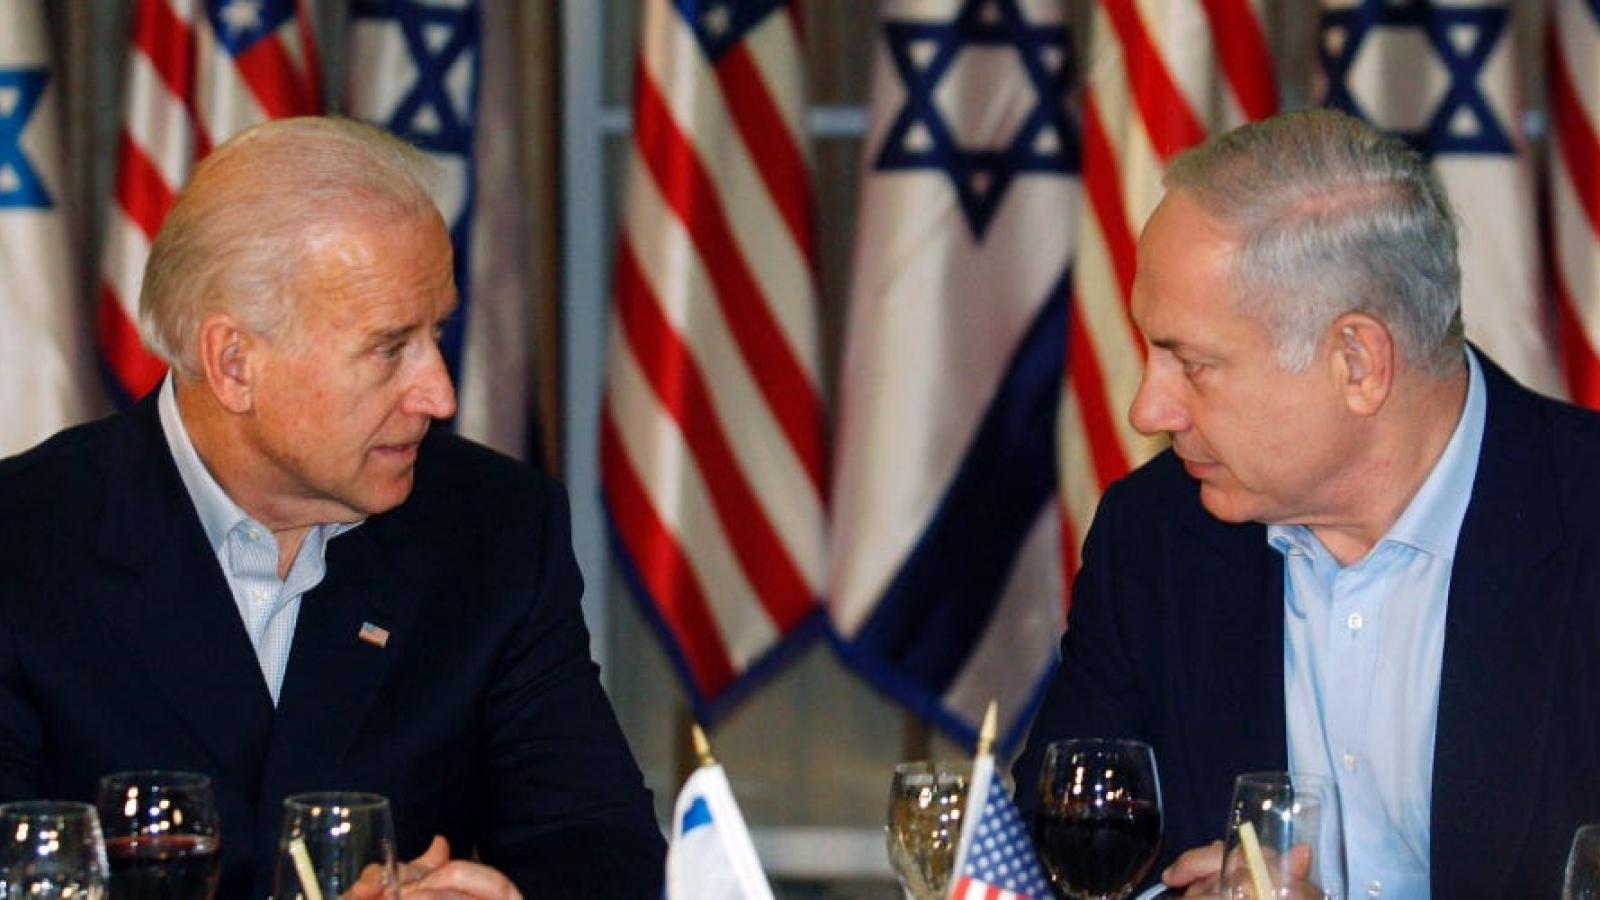 """Cơn """"địa chấn chính trị"""" ở Israel ít có khả năng tác động tới quan hệ với Mỹ"""